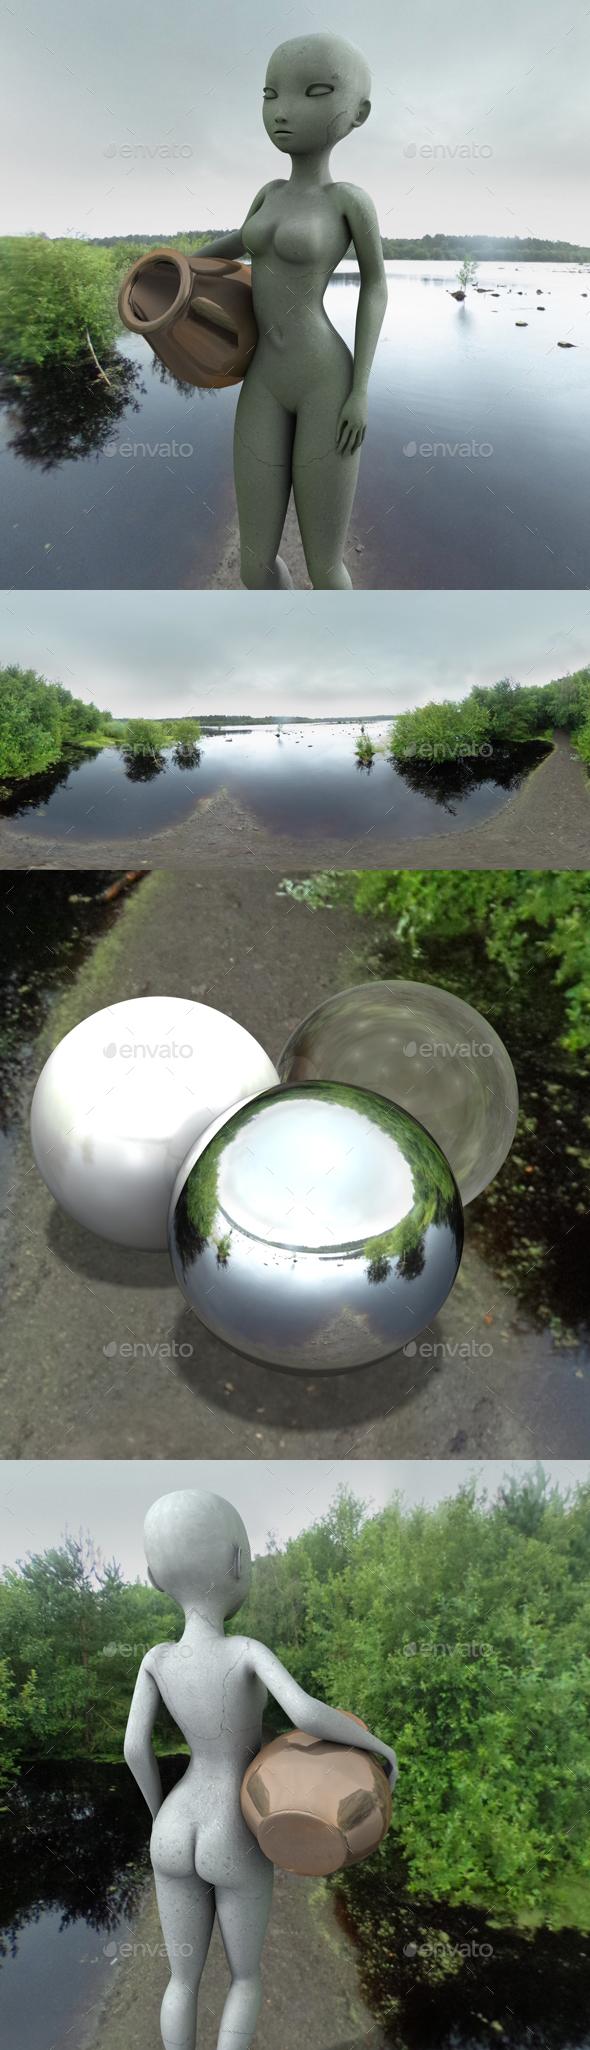 Swampland Lake HDRI - 3DOcean Item for Sale